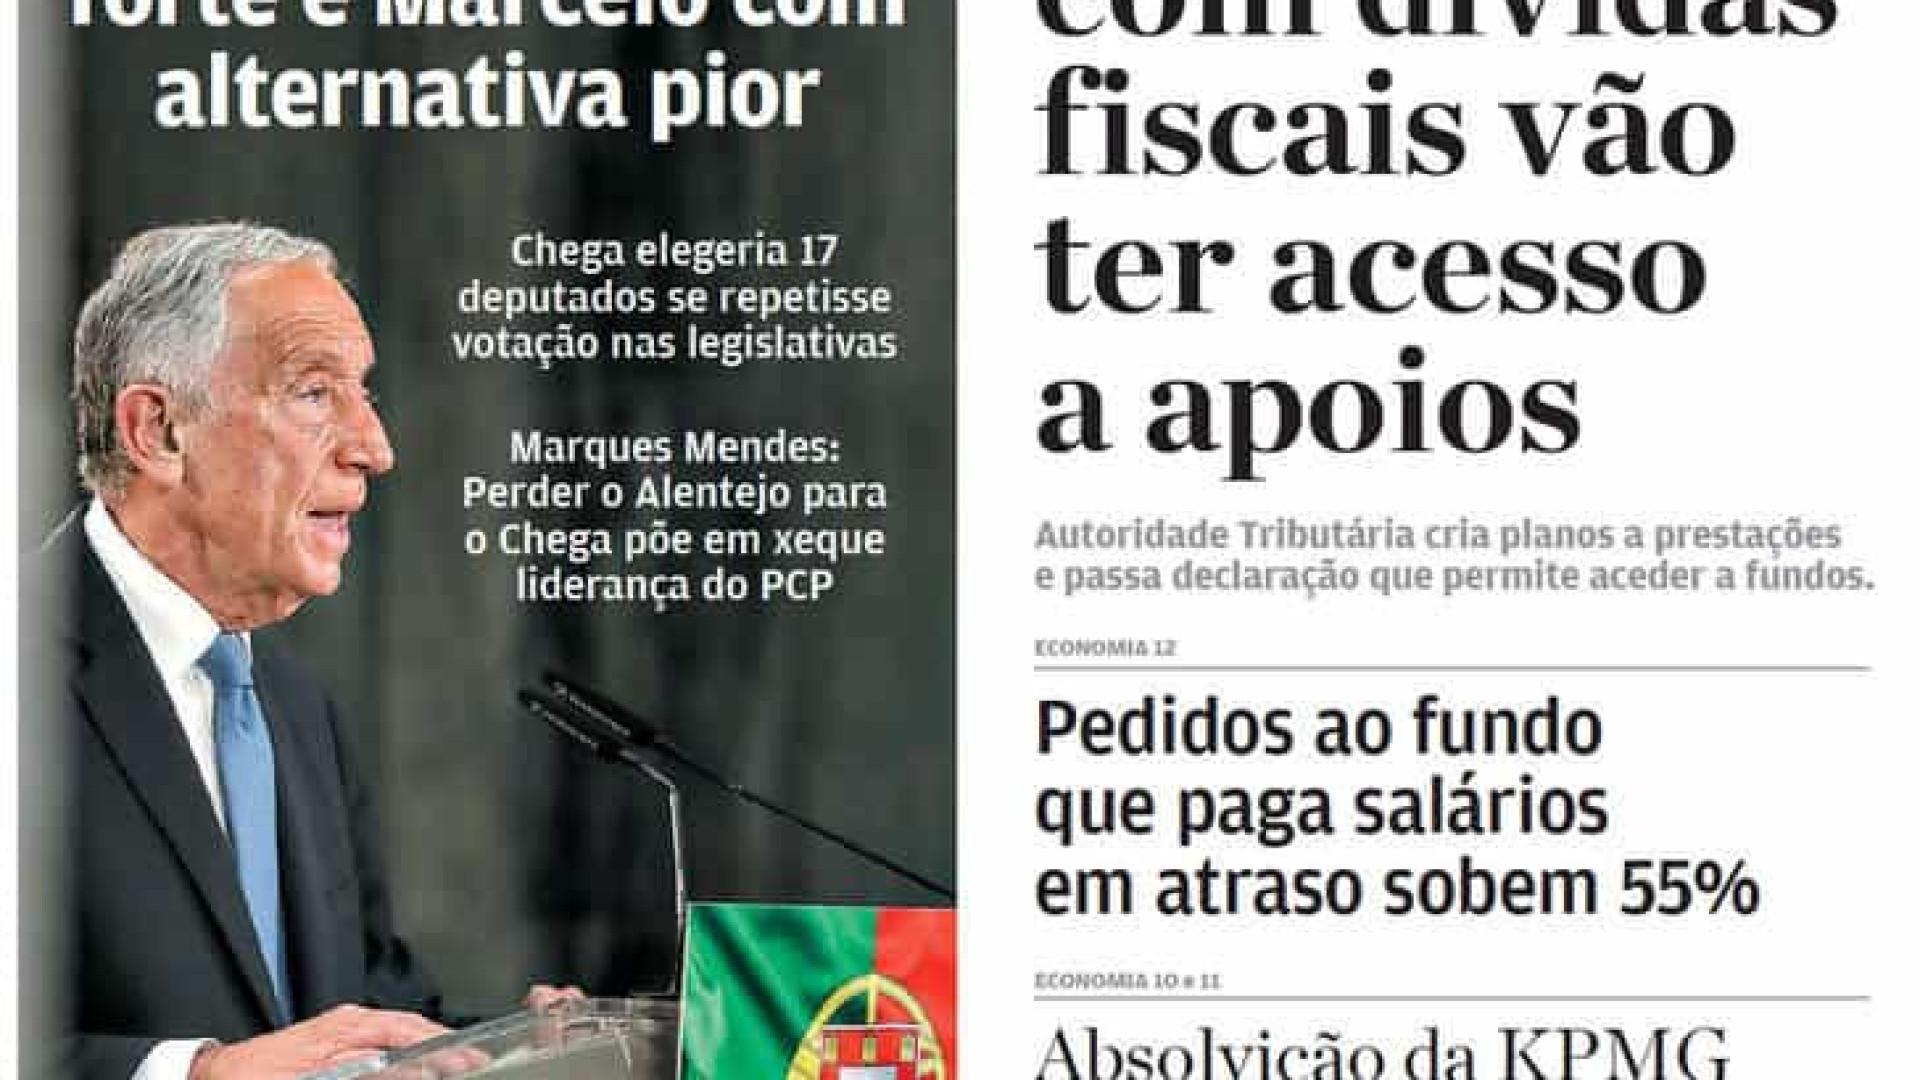 Hoje é notícia: Costa mais forte; MP quer pena máxima para amante de Rosa